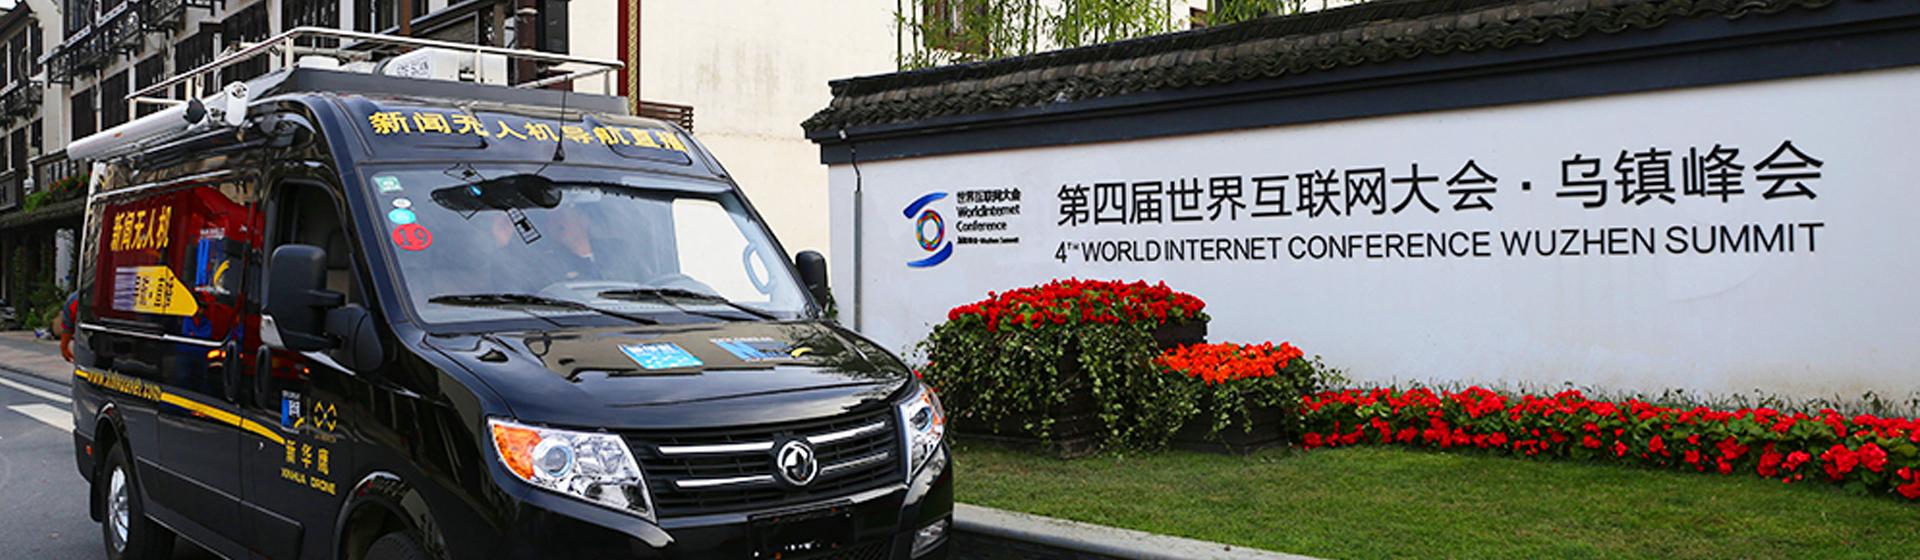 新华网无人机带你看第四届世界互联网大会前的乌镇